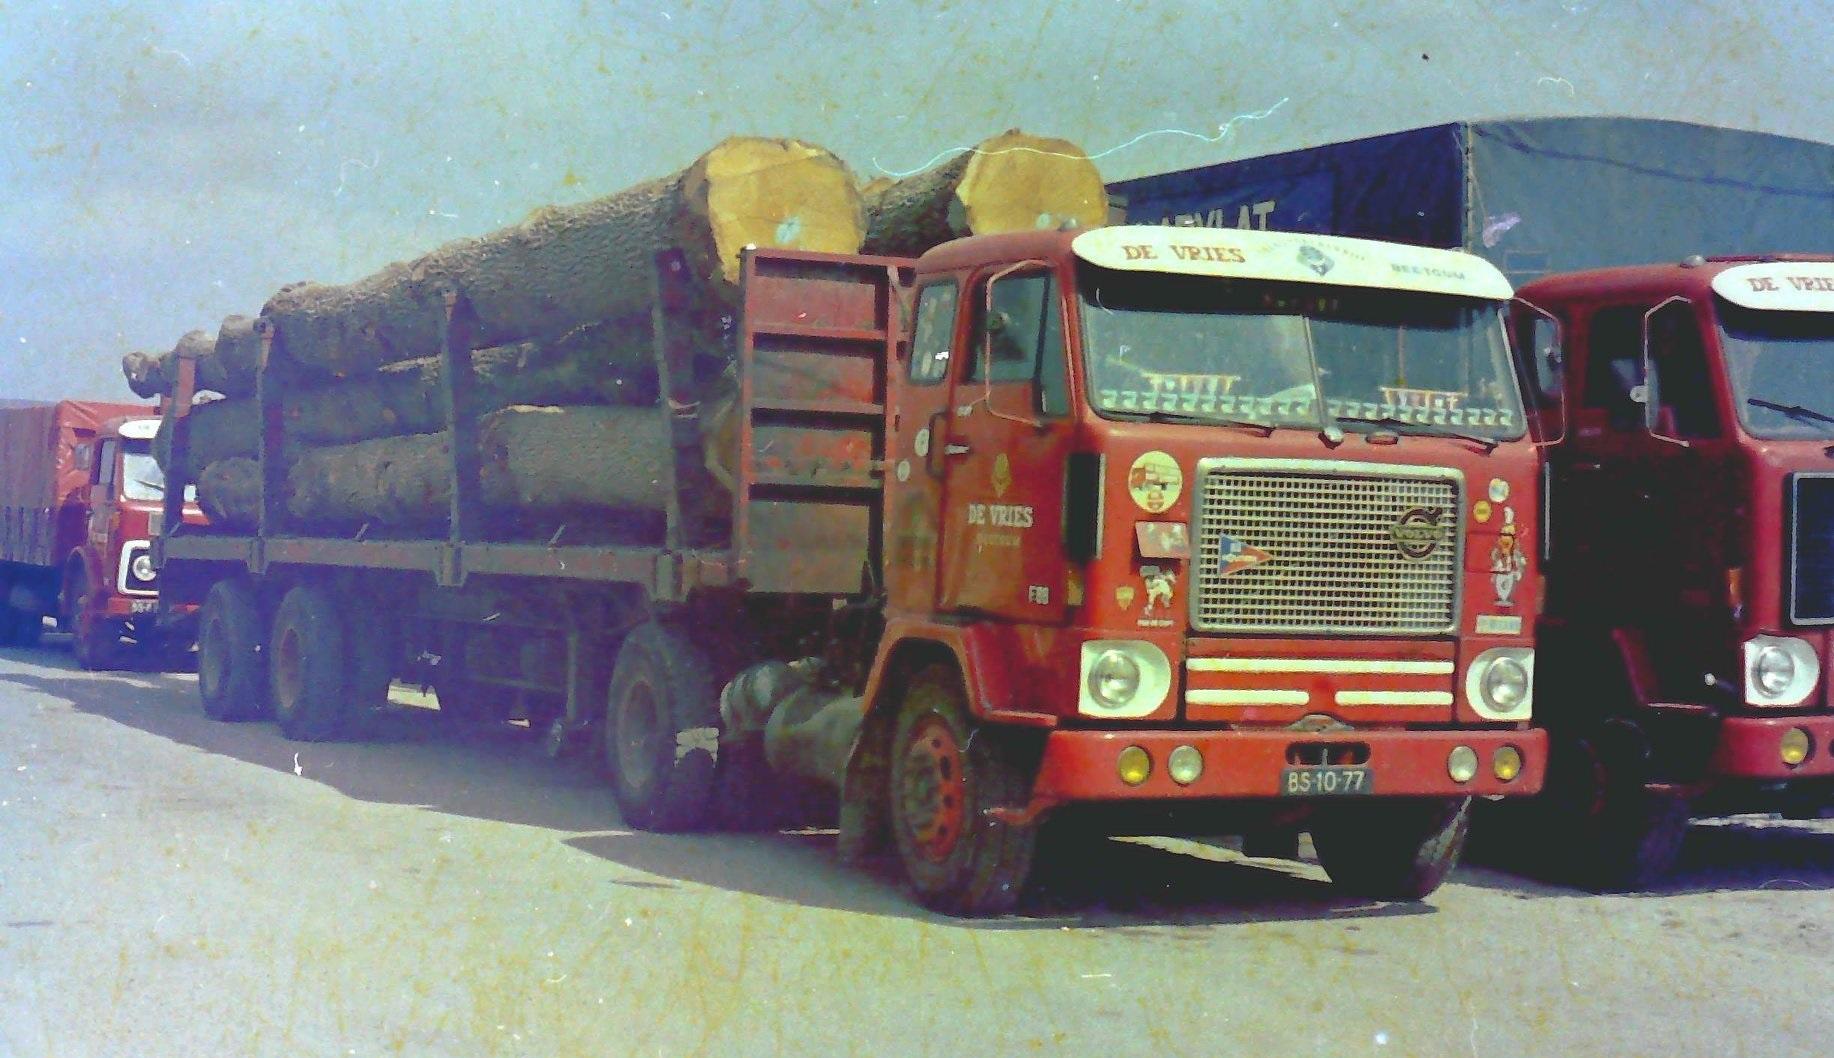 Volvo-bomen-trailer-voor-grote-bomen-uit-Frankrijk-voor-Talens-poloden-fabriek--2